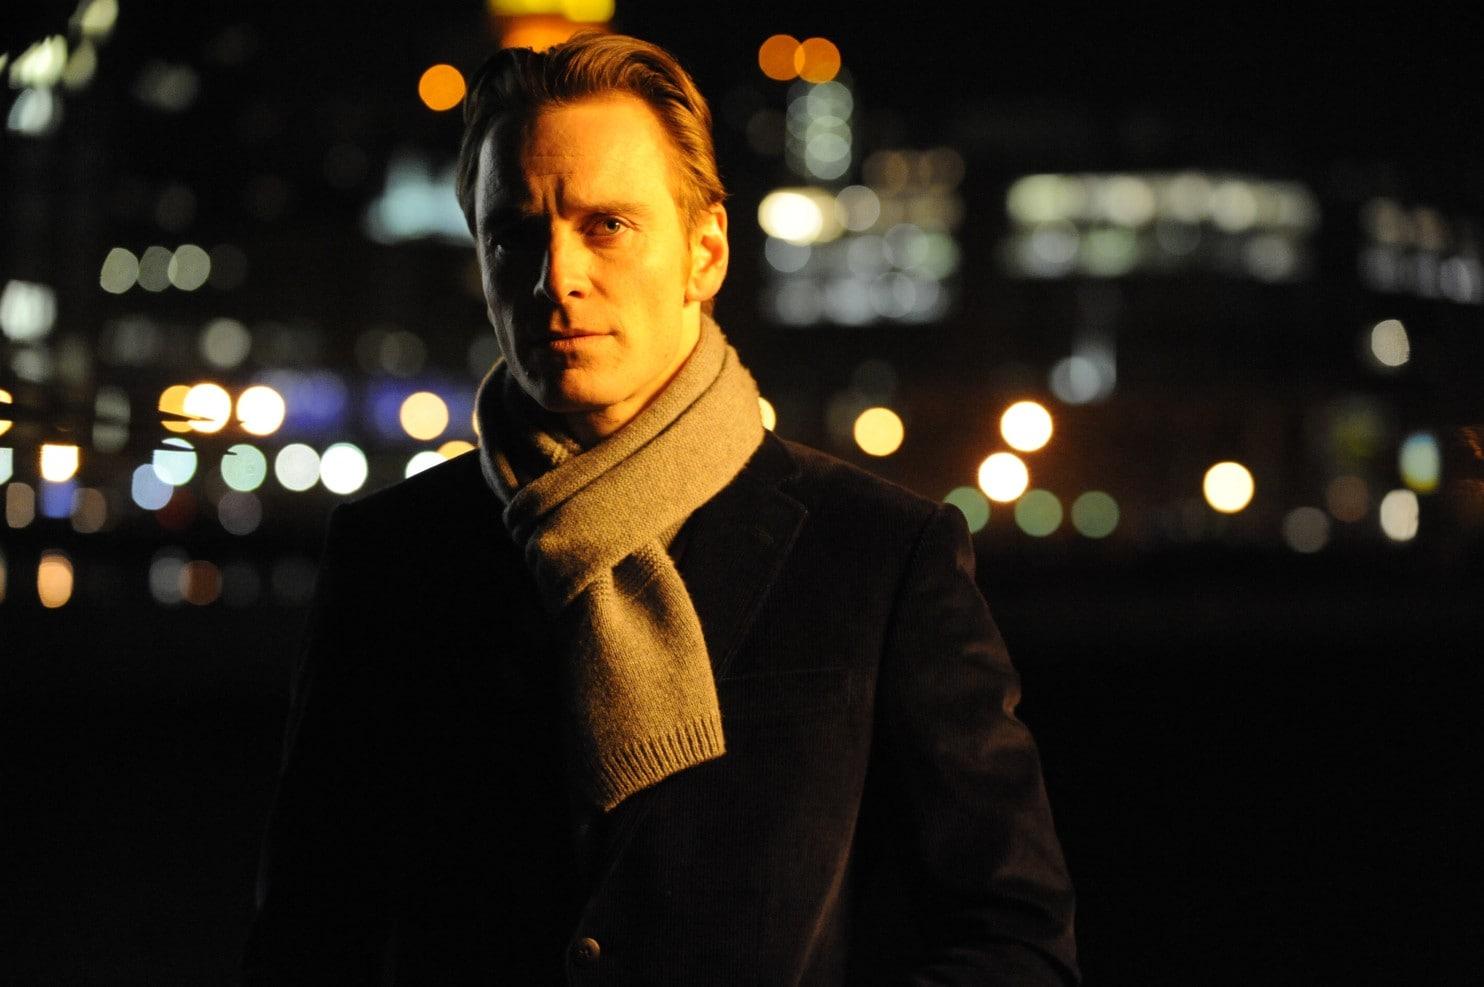 Oscar 2012 Nomination Predictions: Actor